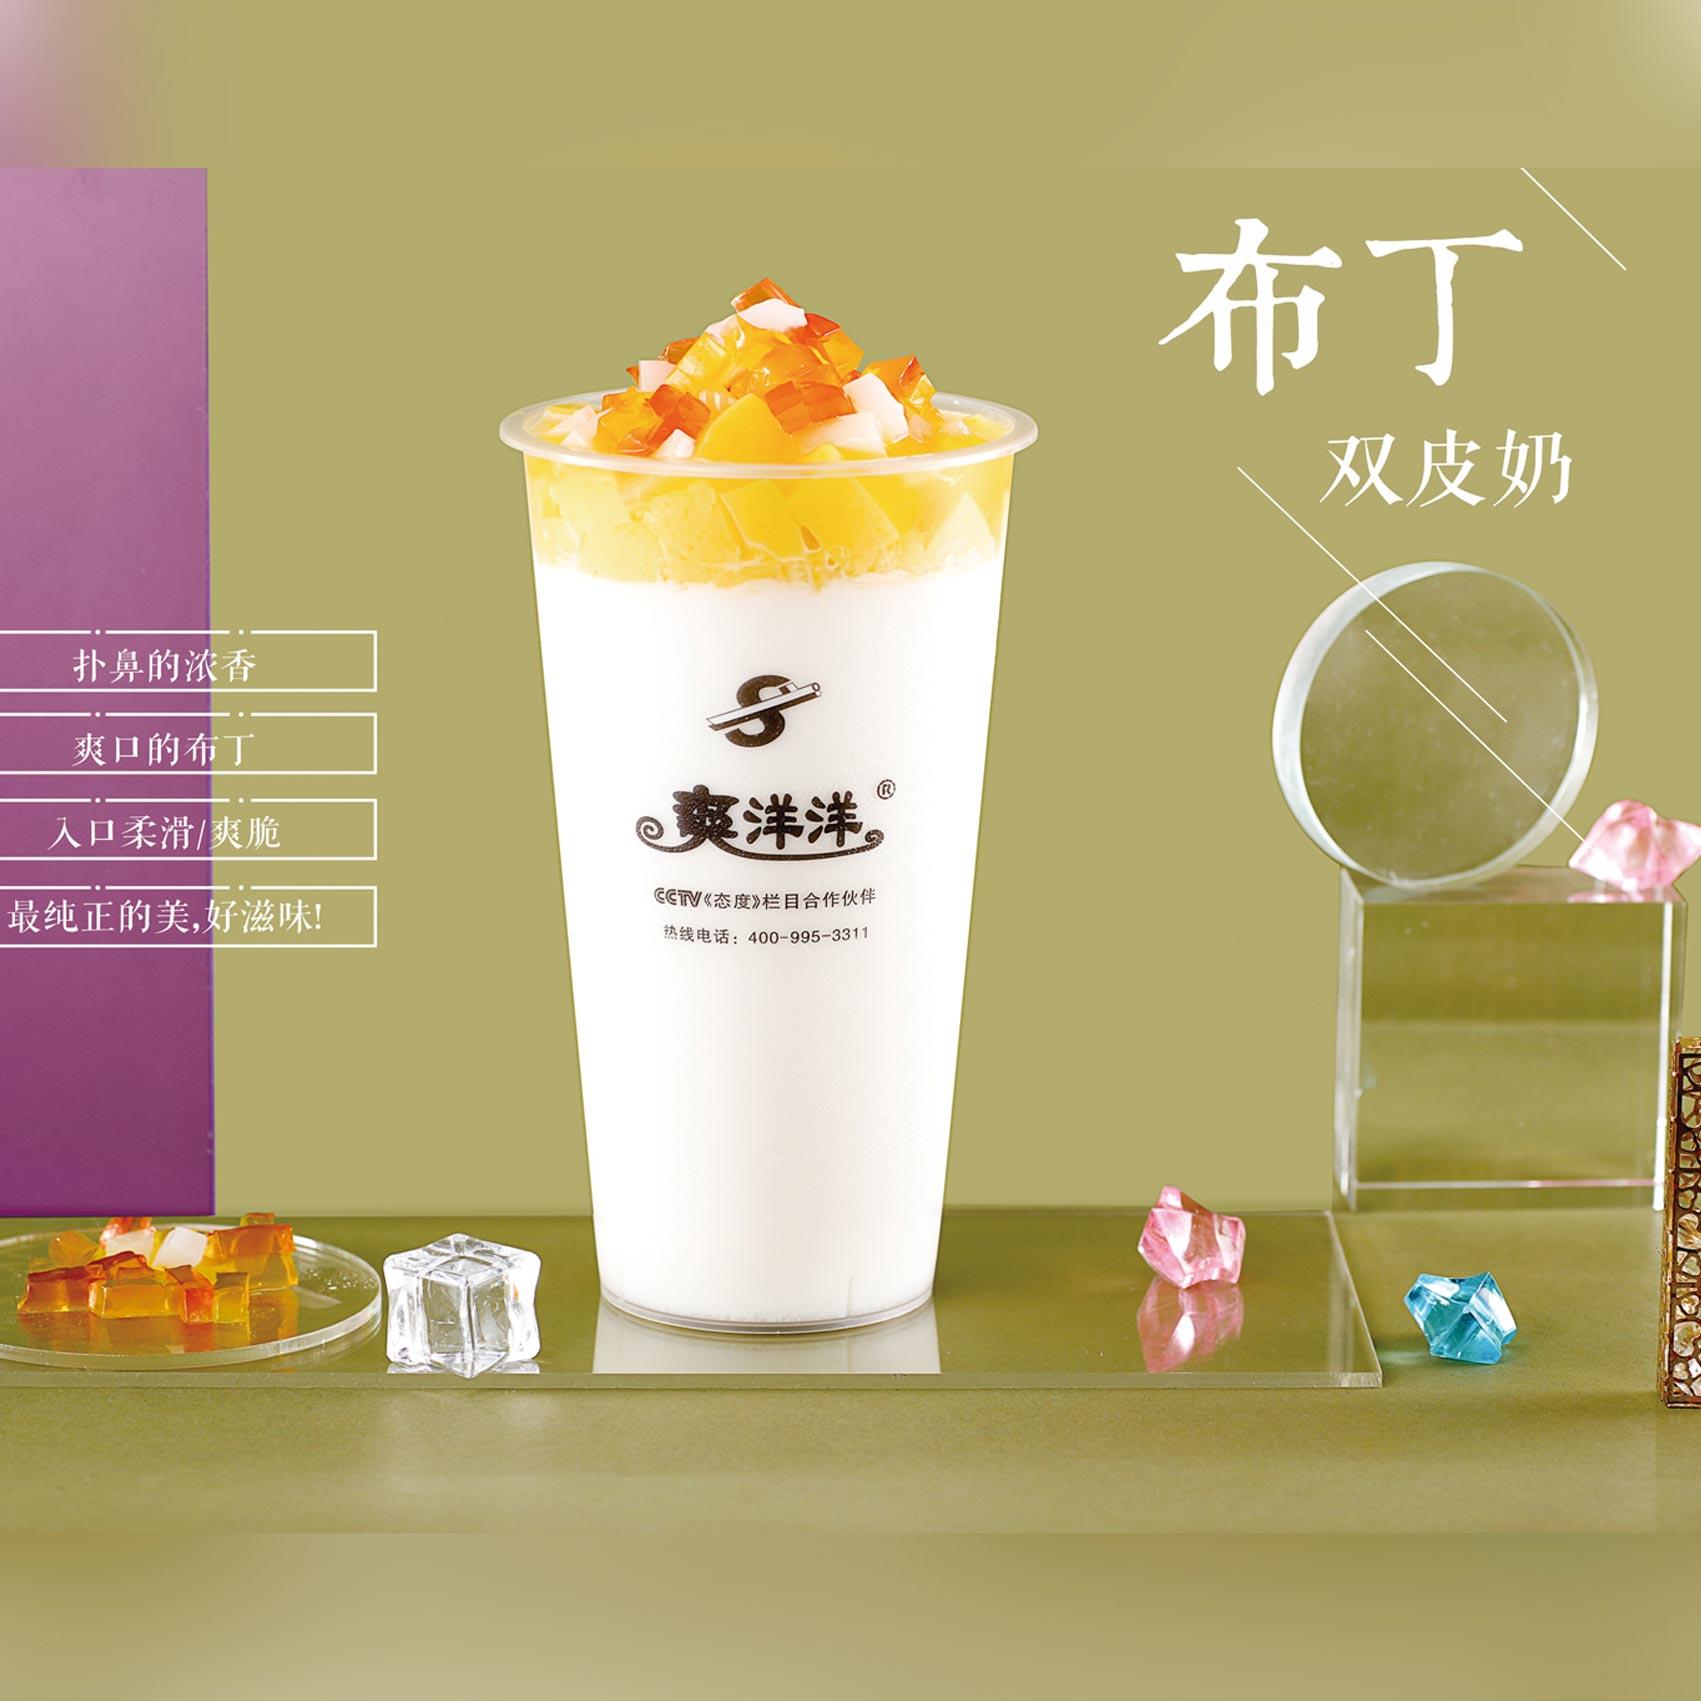 布丁双皮奶加盟哪家好?毛利超70%,它会在奶茶店流行吗?